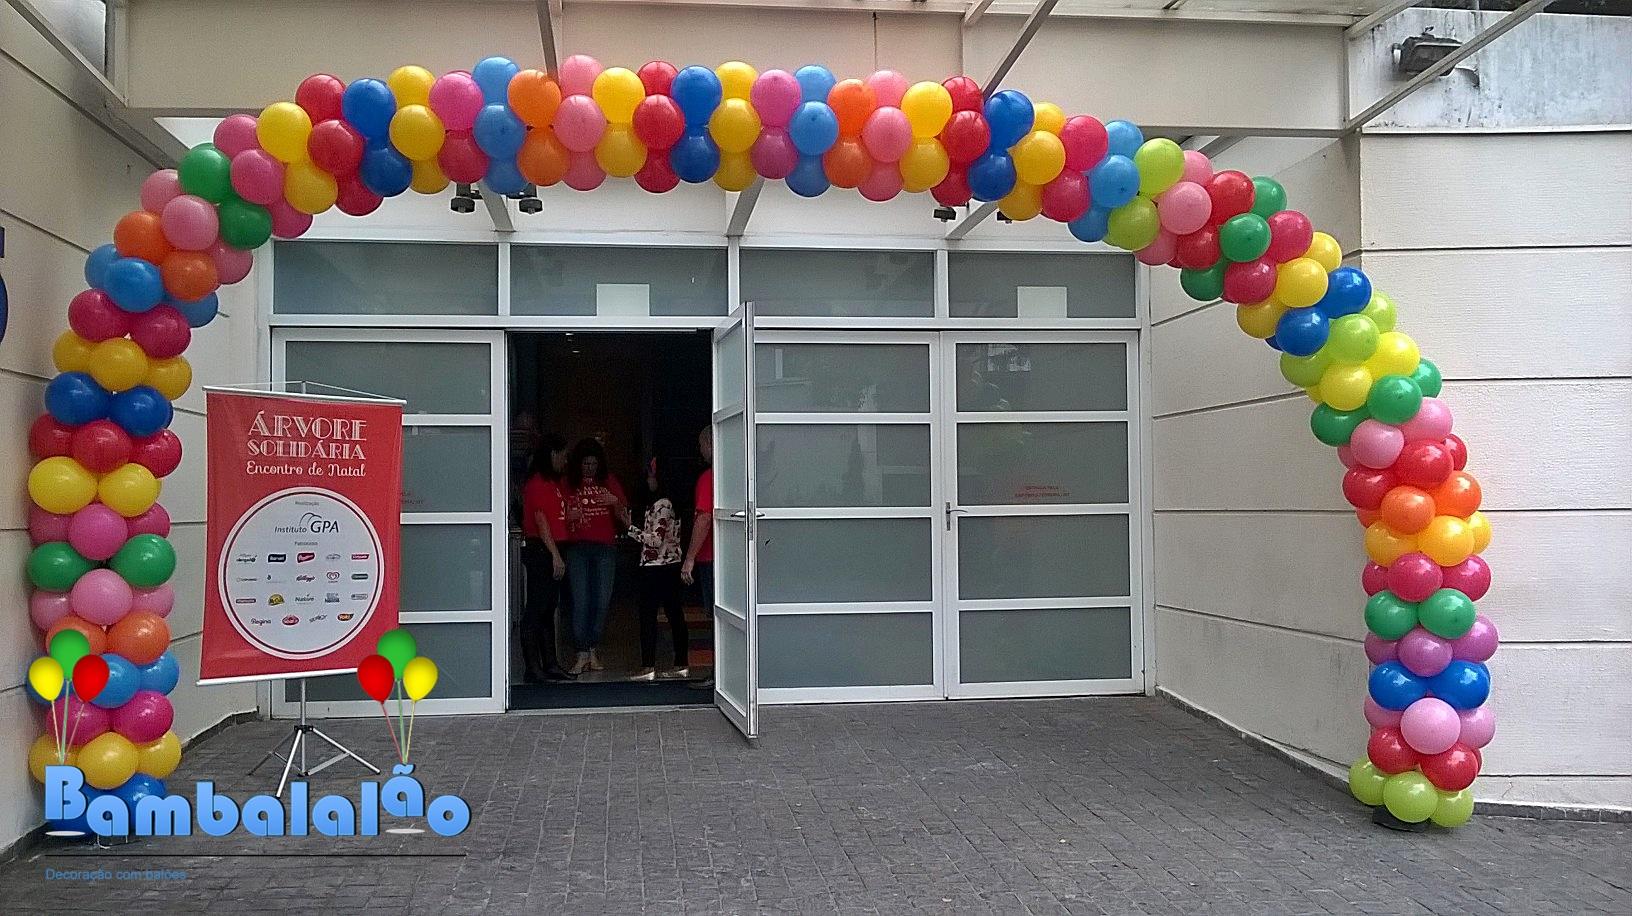 ARCO BALÕES ENTRADA G.P.A